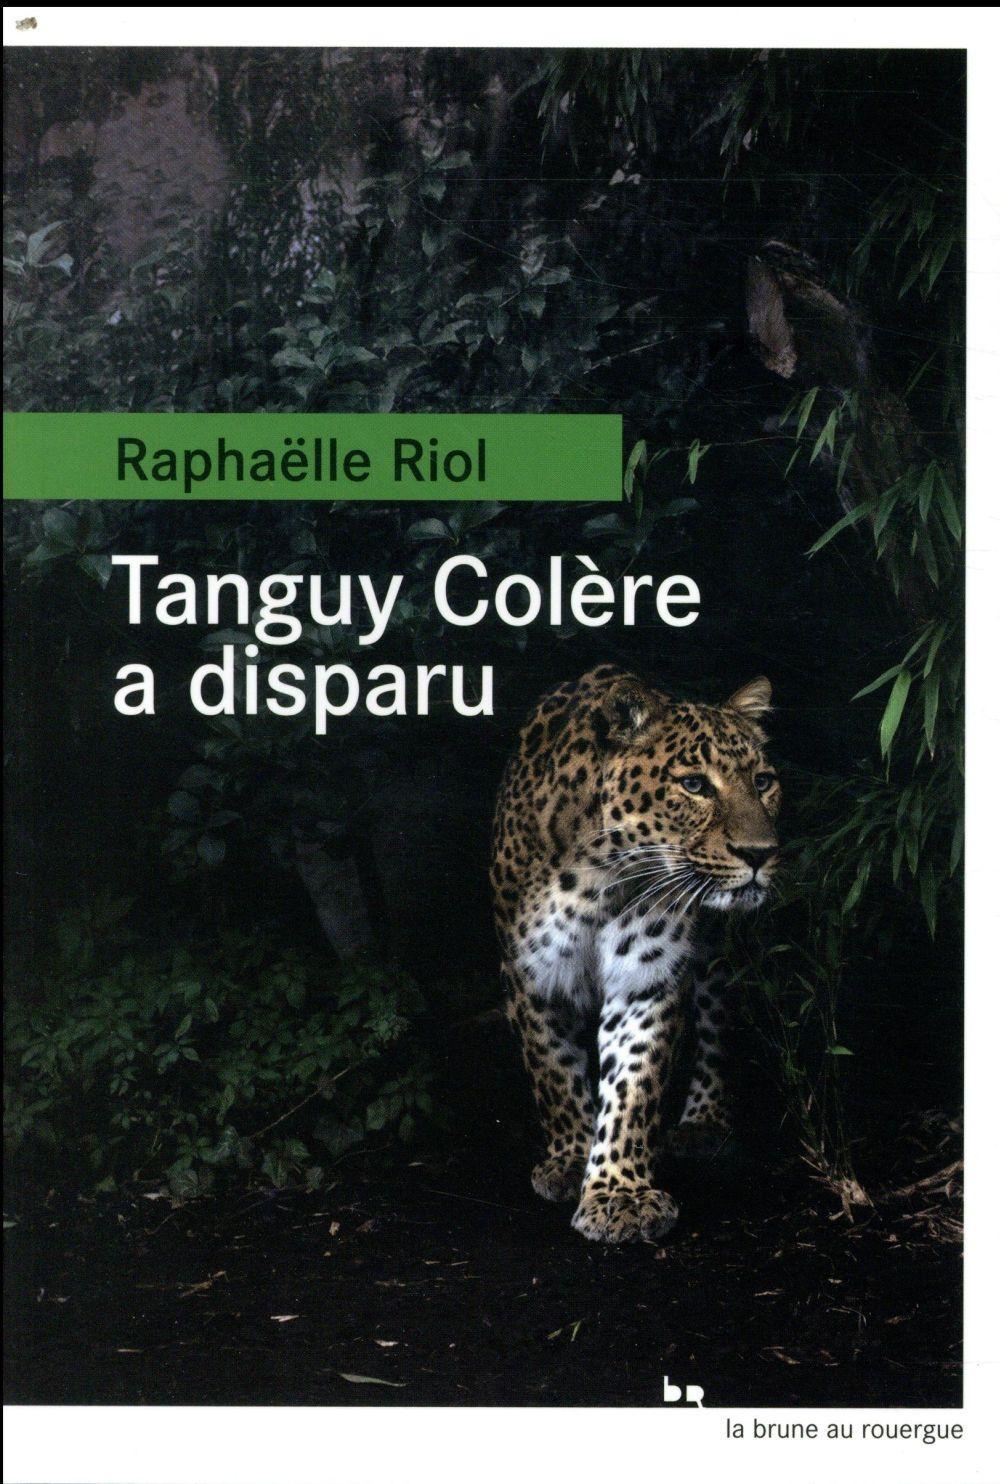 tanguy_a_disparu_1024